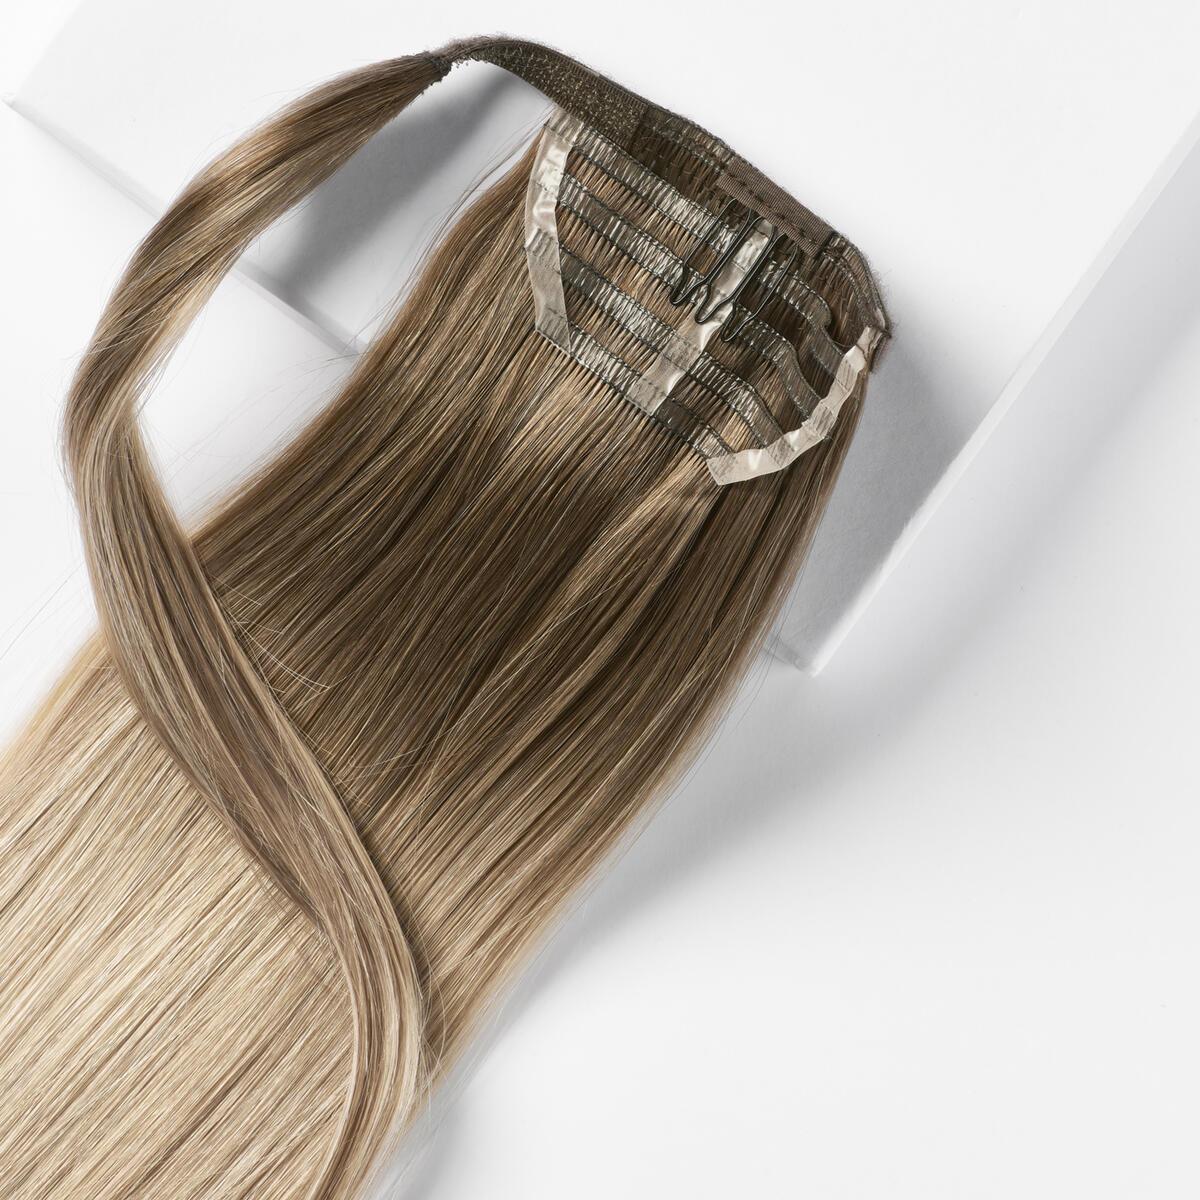 Sleek Clip-in Ponytail B2.6/10.7 Dark Ashy Blonde Balayage 40 cm